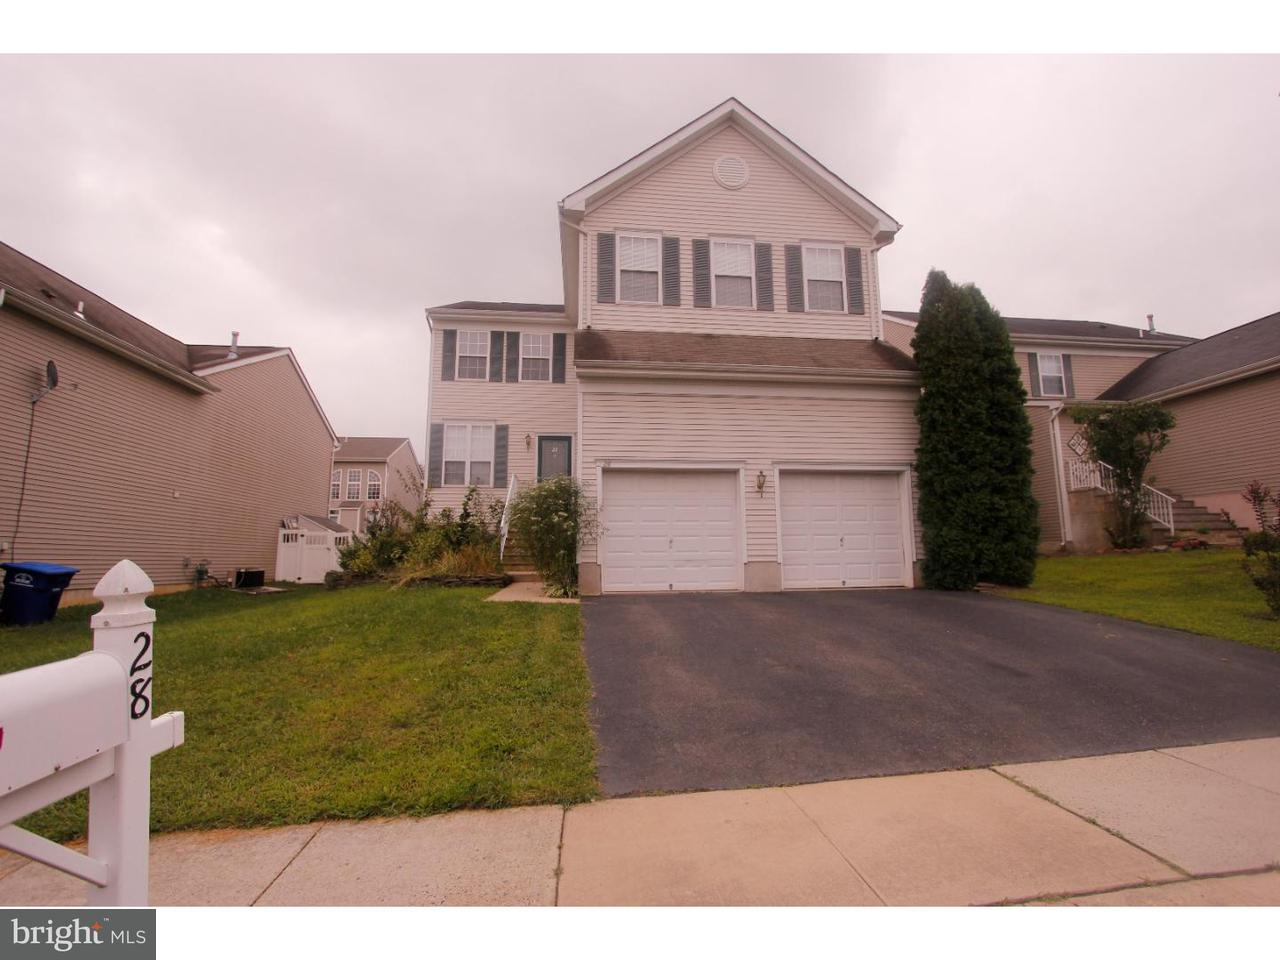 Casa Unifamiliar por un Alquiler en 28 COVENTRY TER Columbus, Nueva Jersey 08022 Estados Unidos